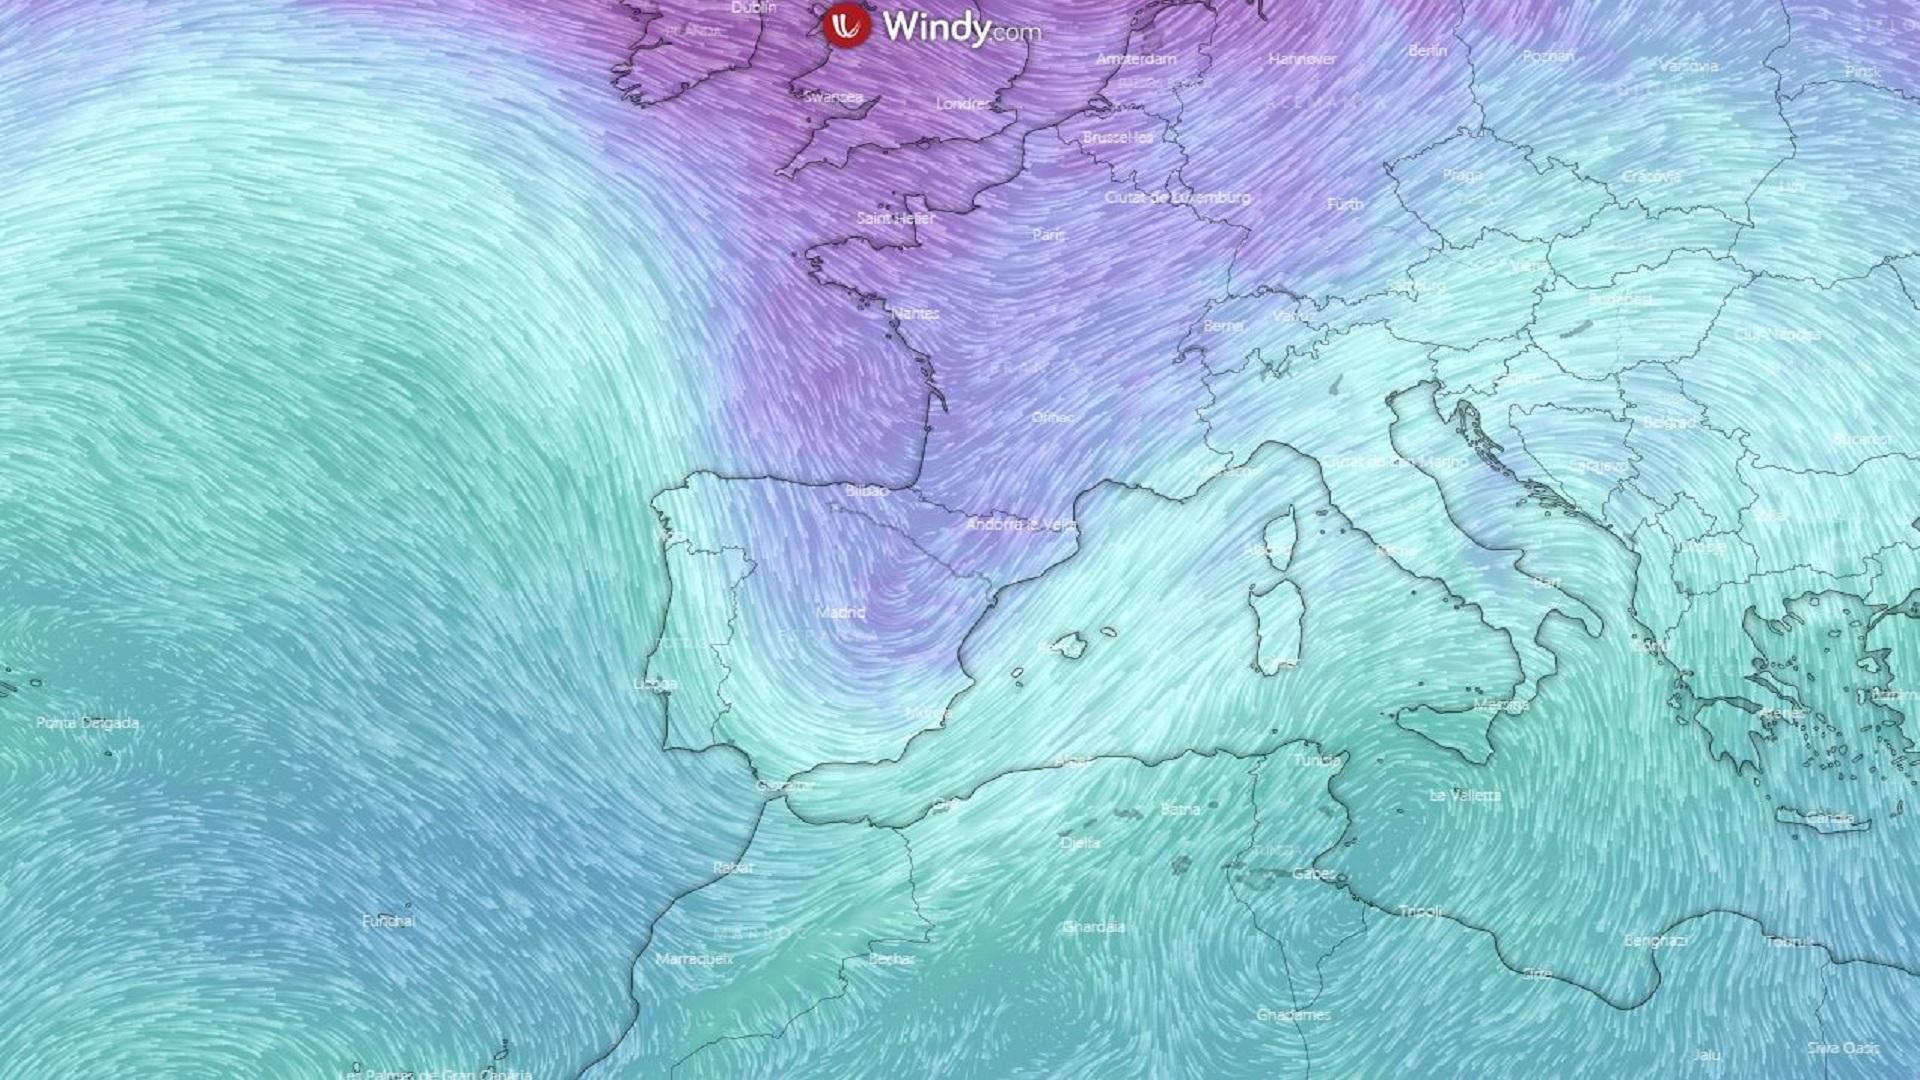 temperatura dilluns 26 juliol